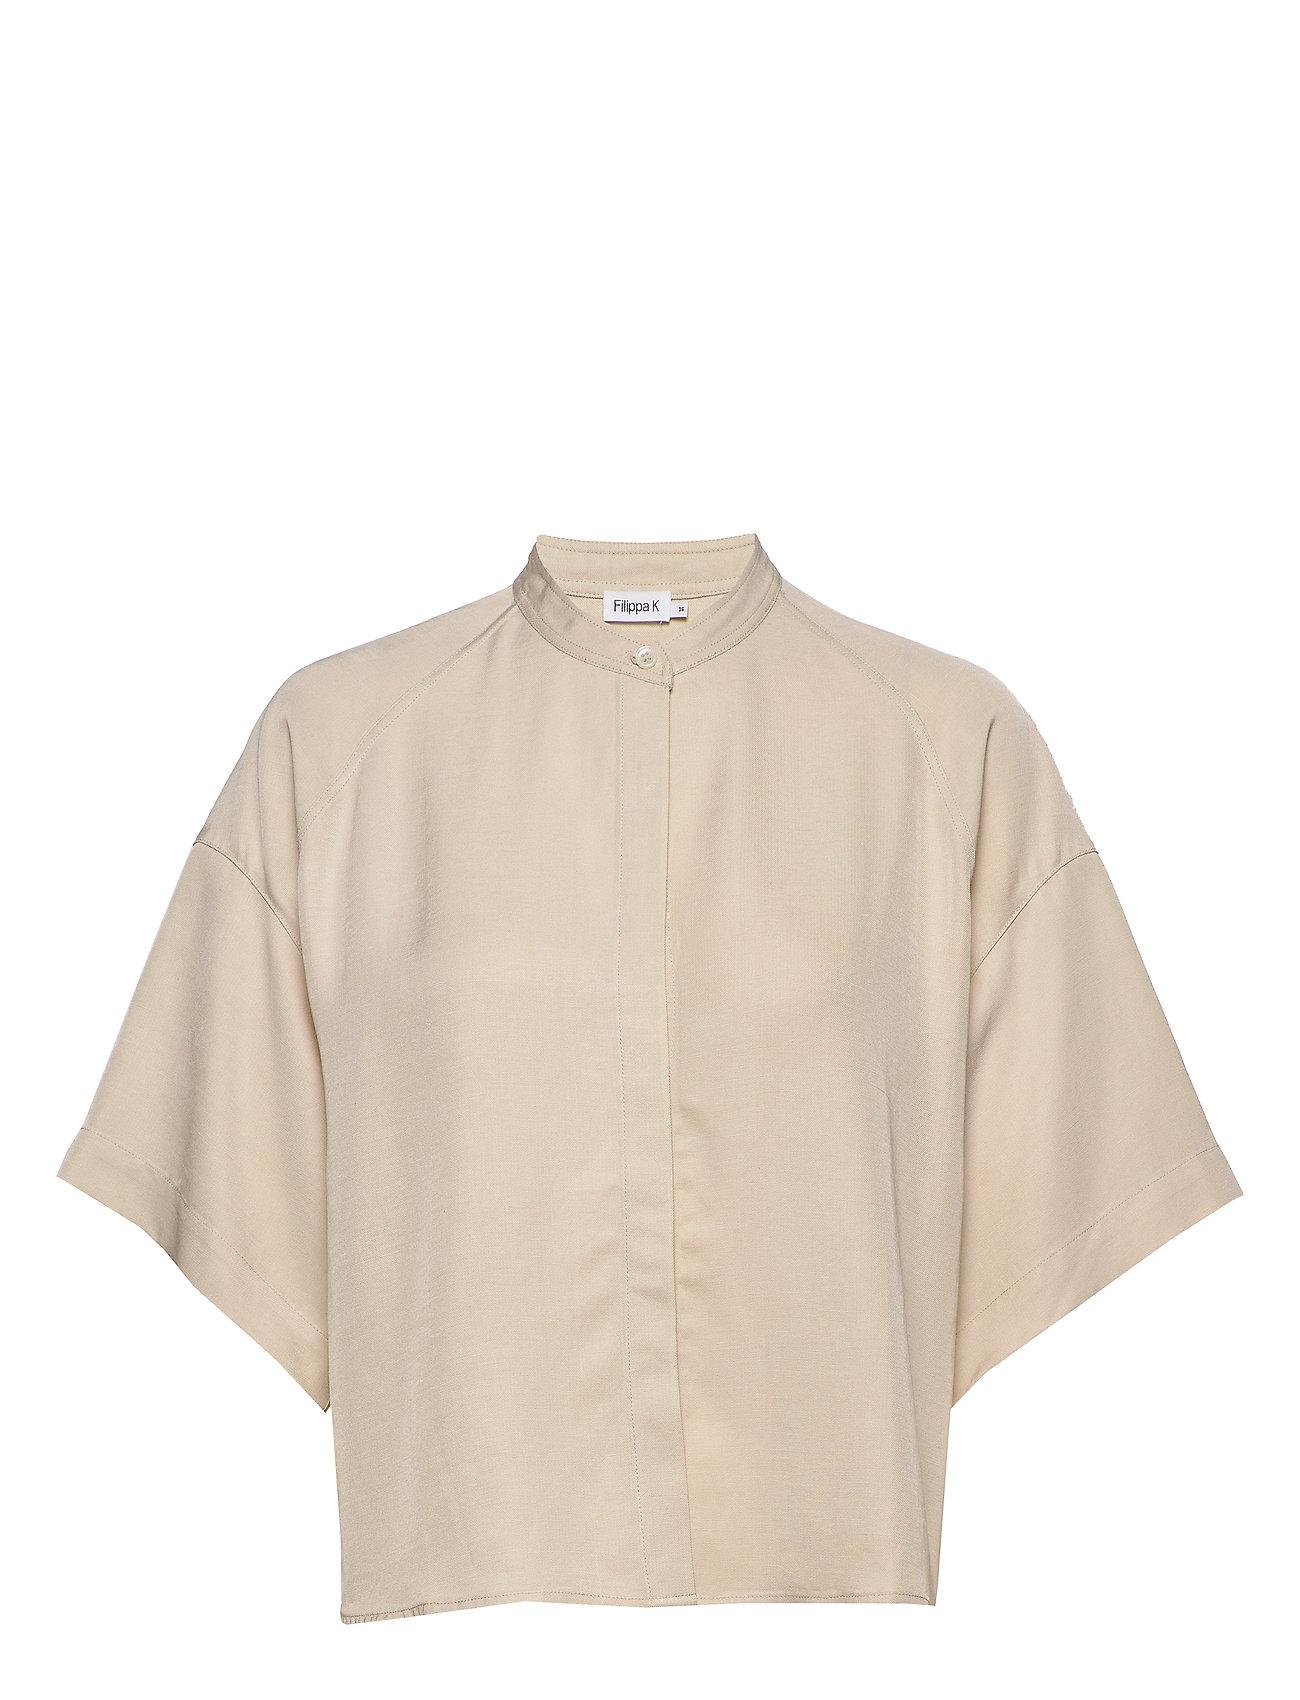 Filippa K Tammy Shirt - IVORY